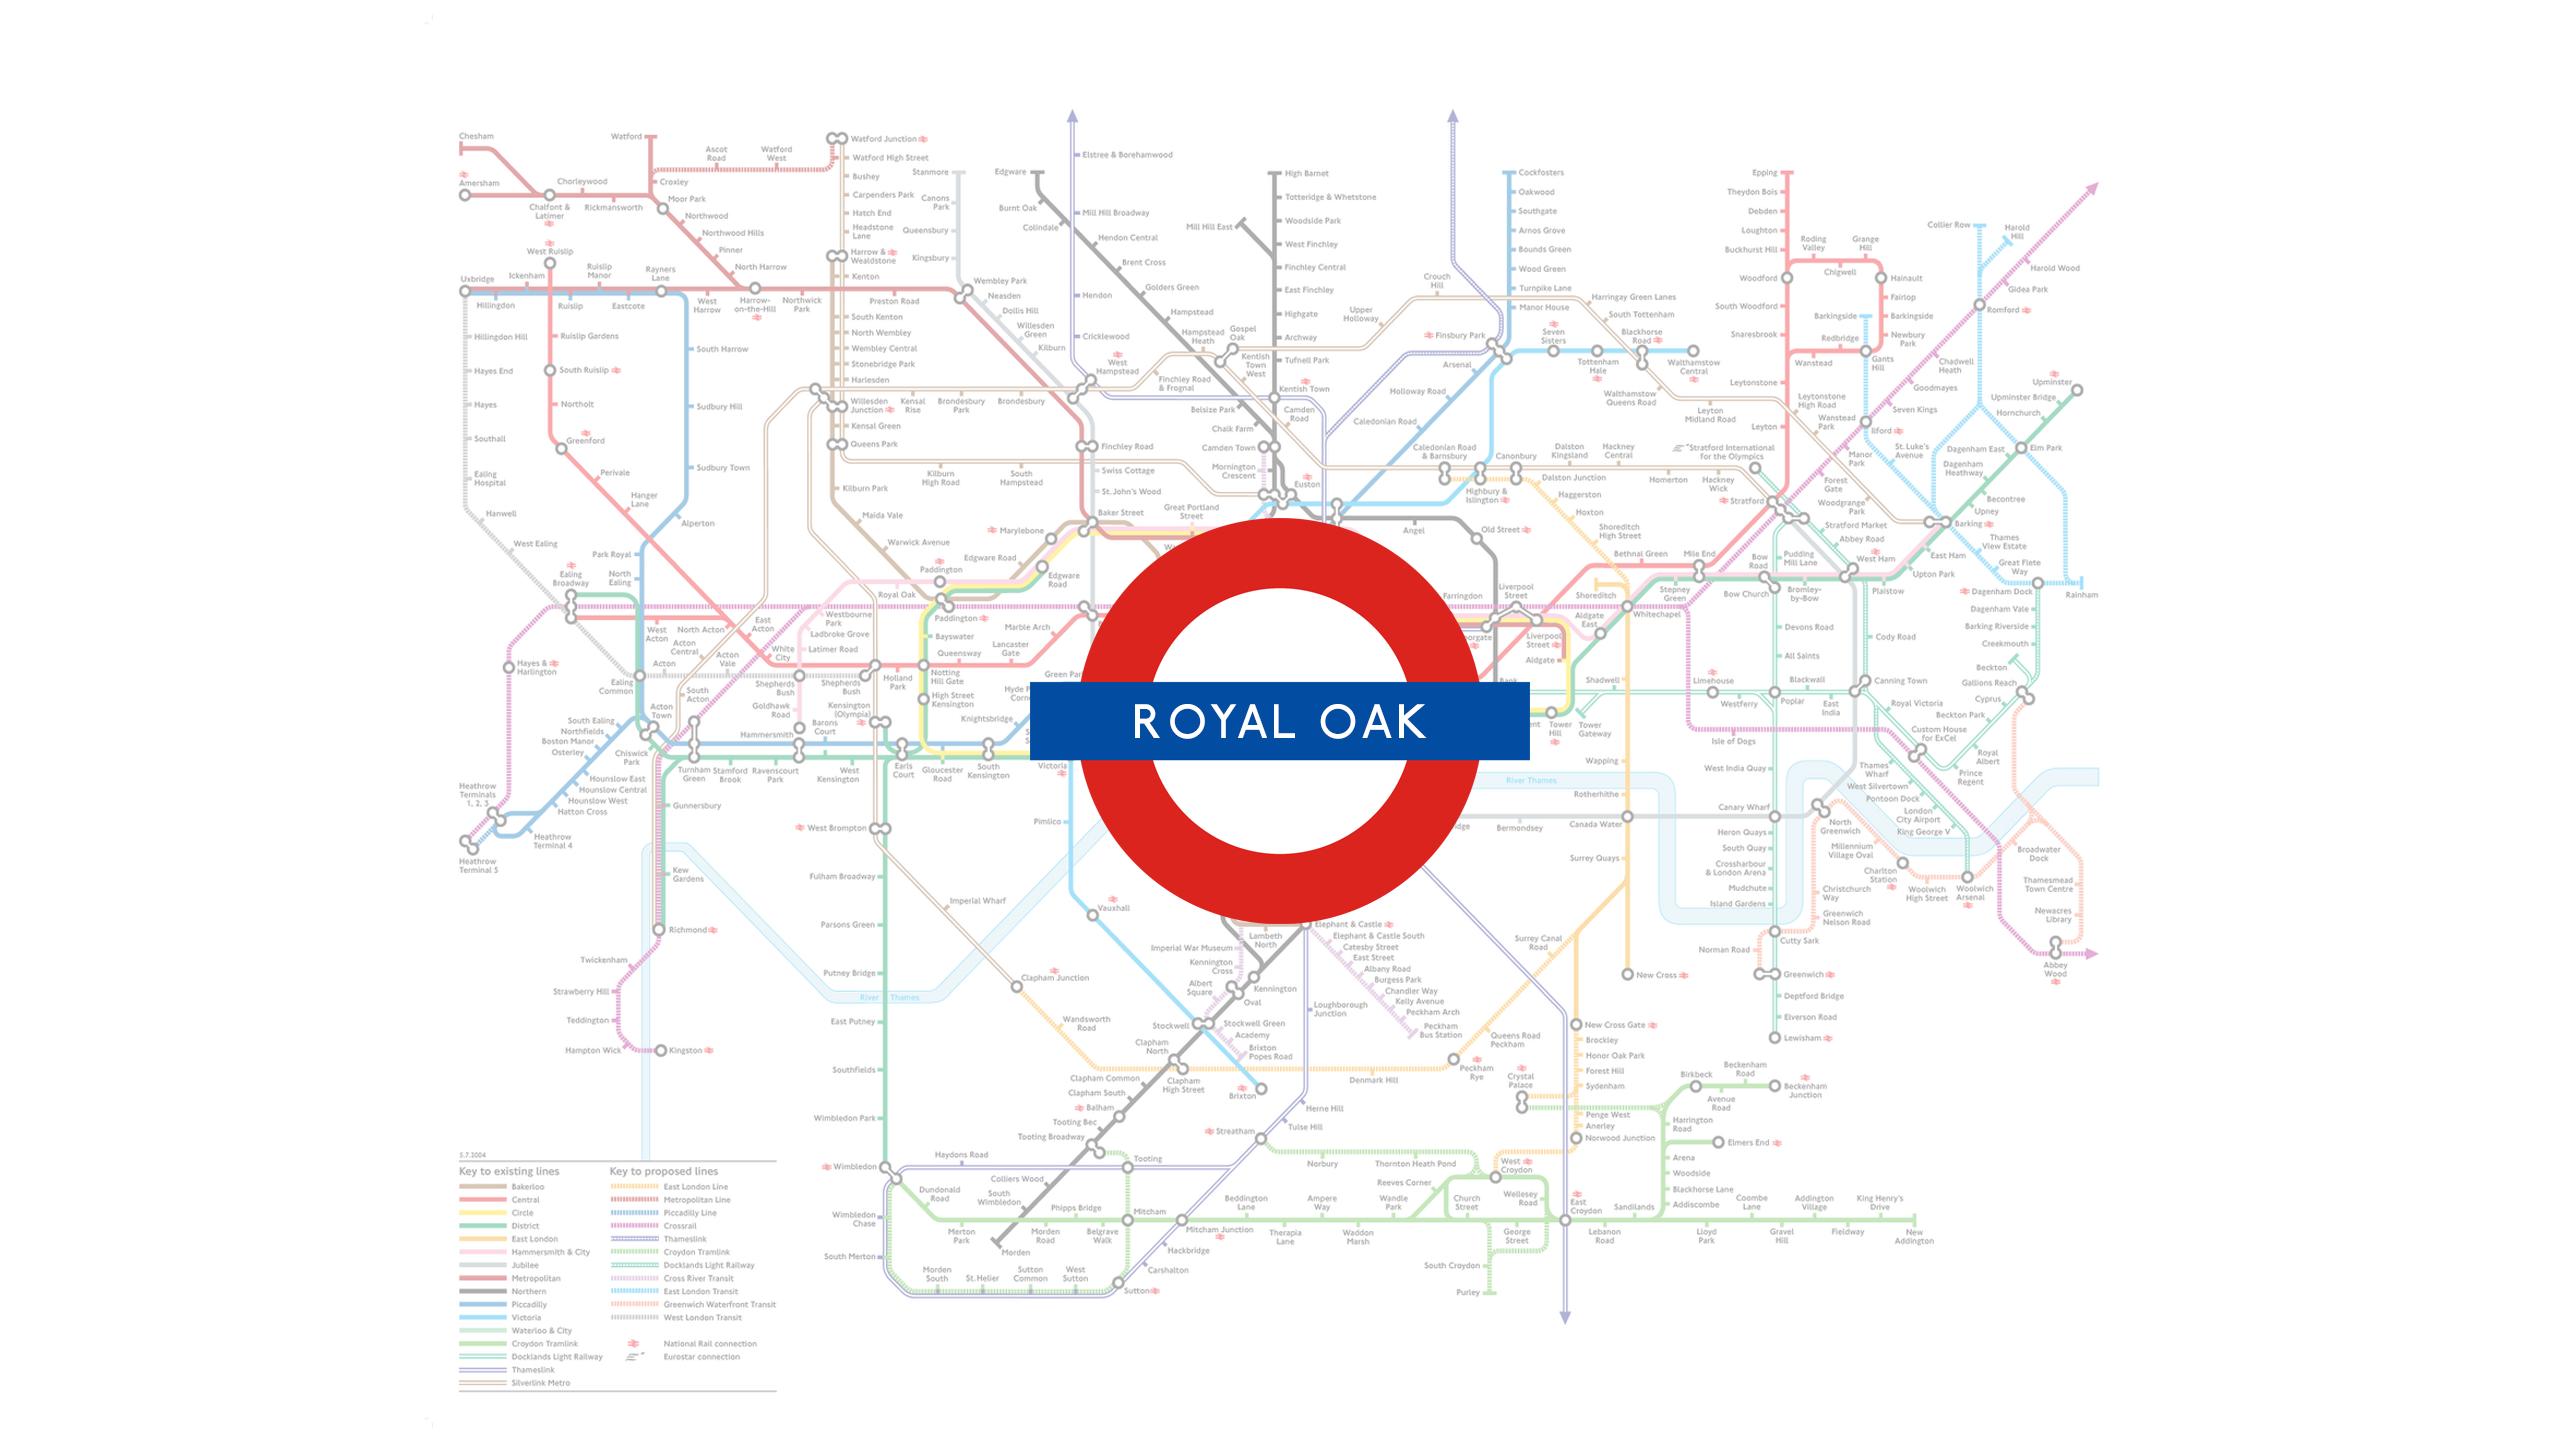 Royal Oak (Map)